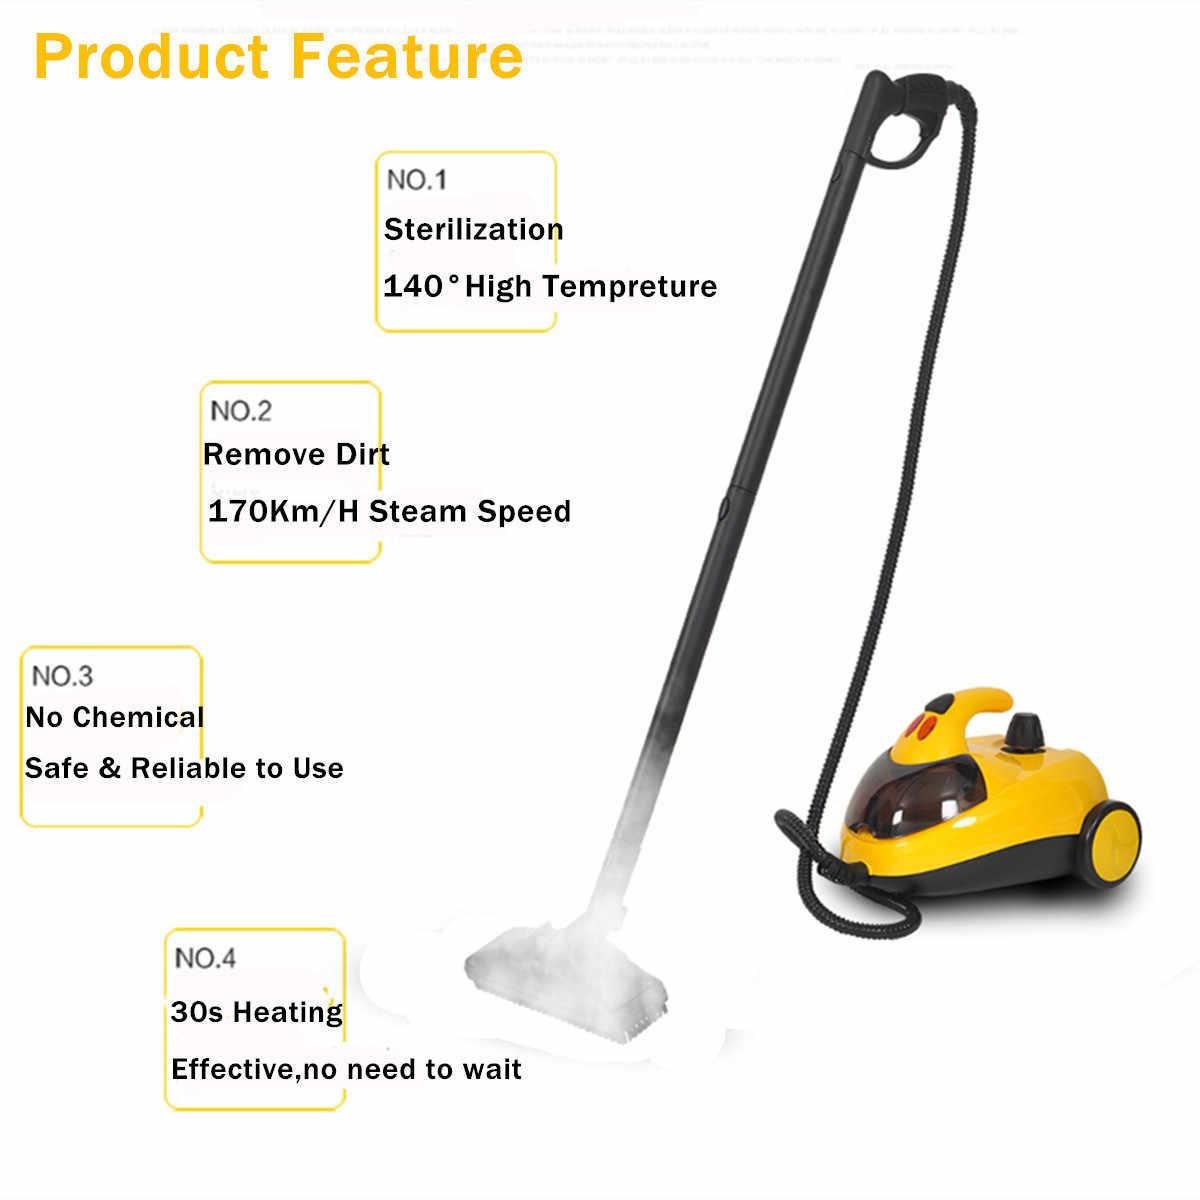 גבוהה לחץ קיטור רצפת שטיח כביסה ניקוי מכונת 13in1 AU220V 1.5L4.0 1800 W בר 360 גלגל עבור נקי אמבטיה רכב